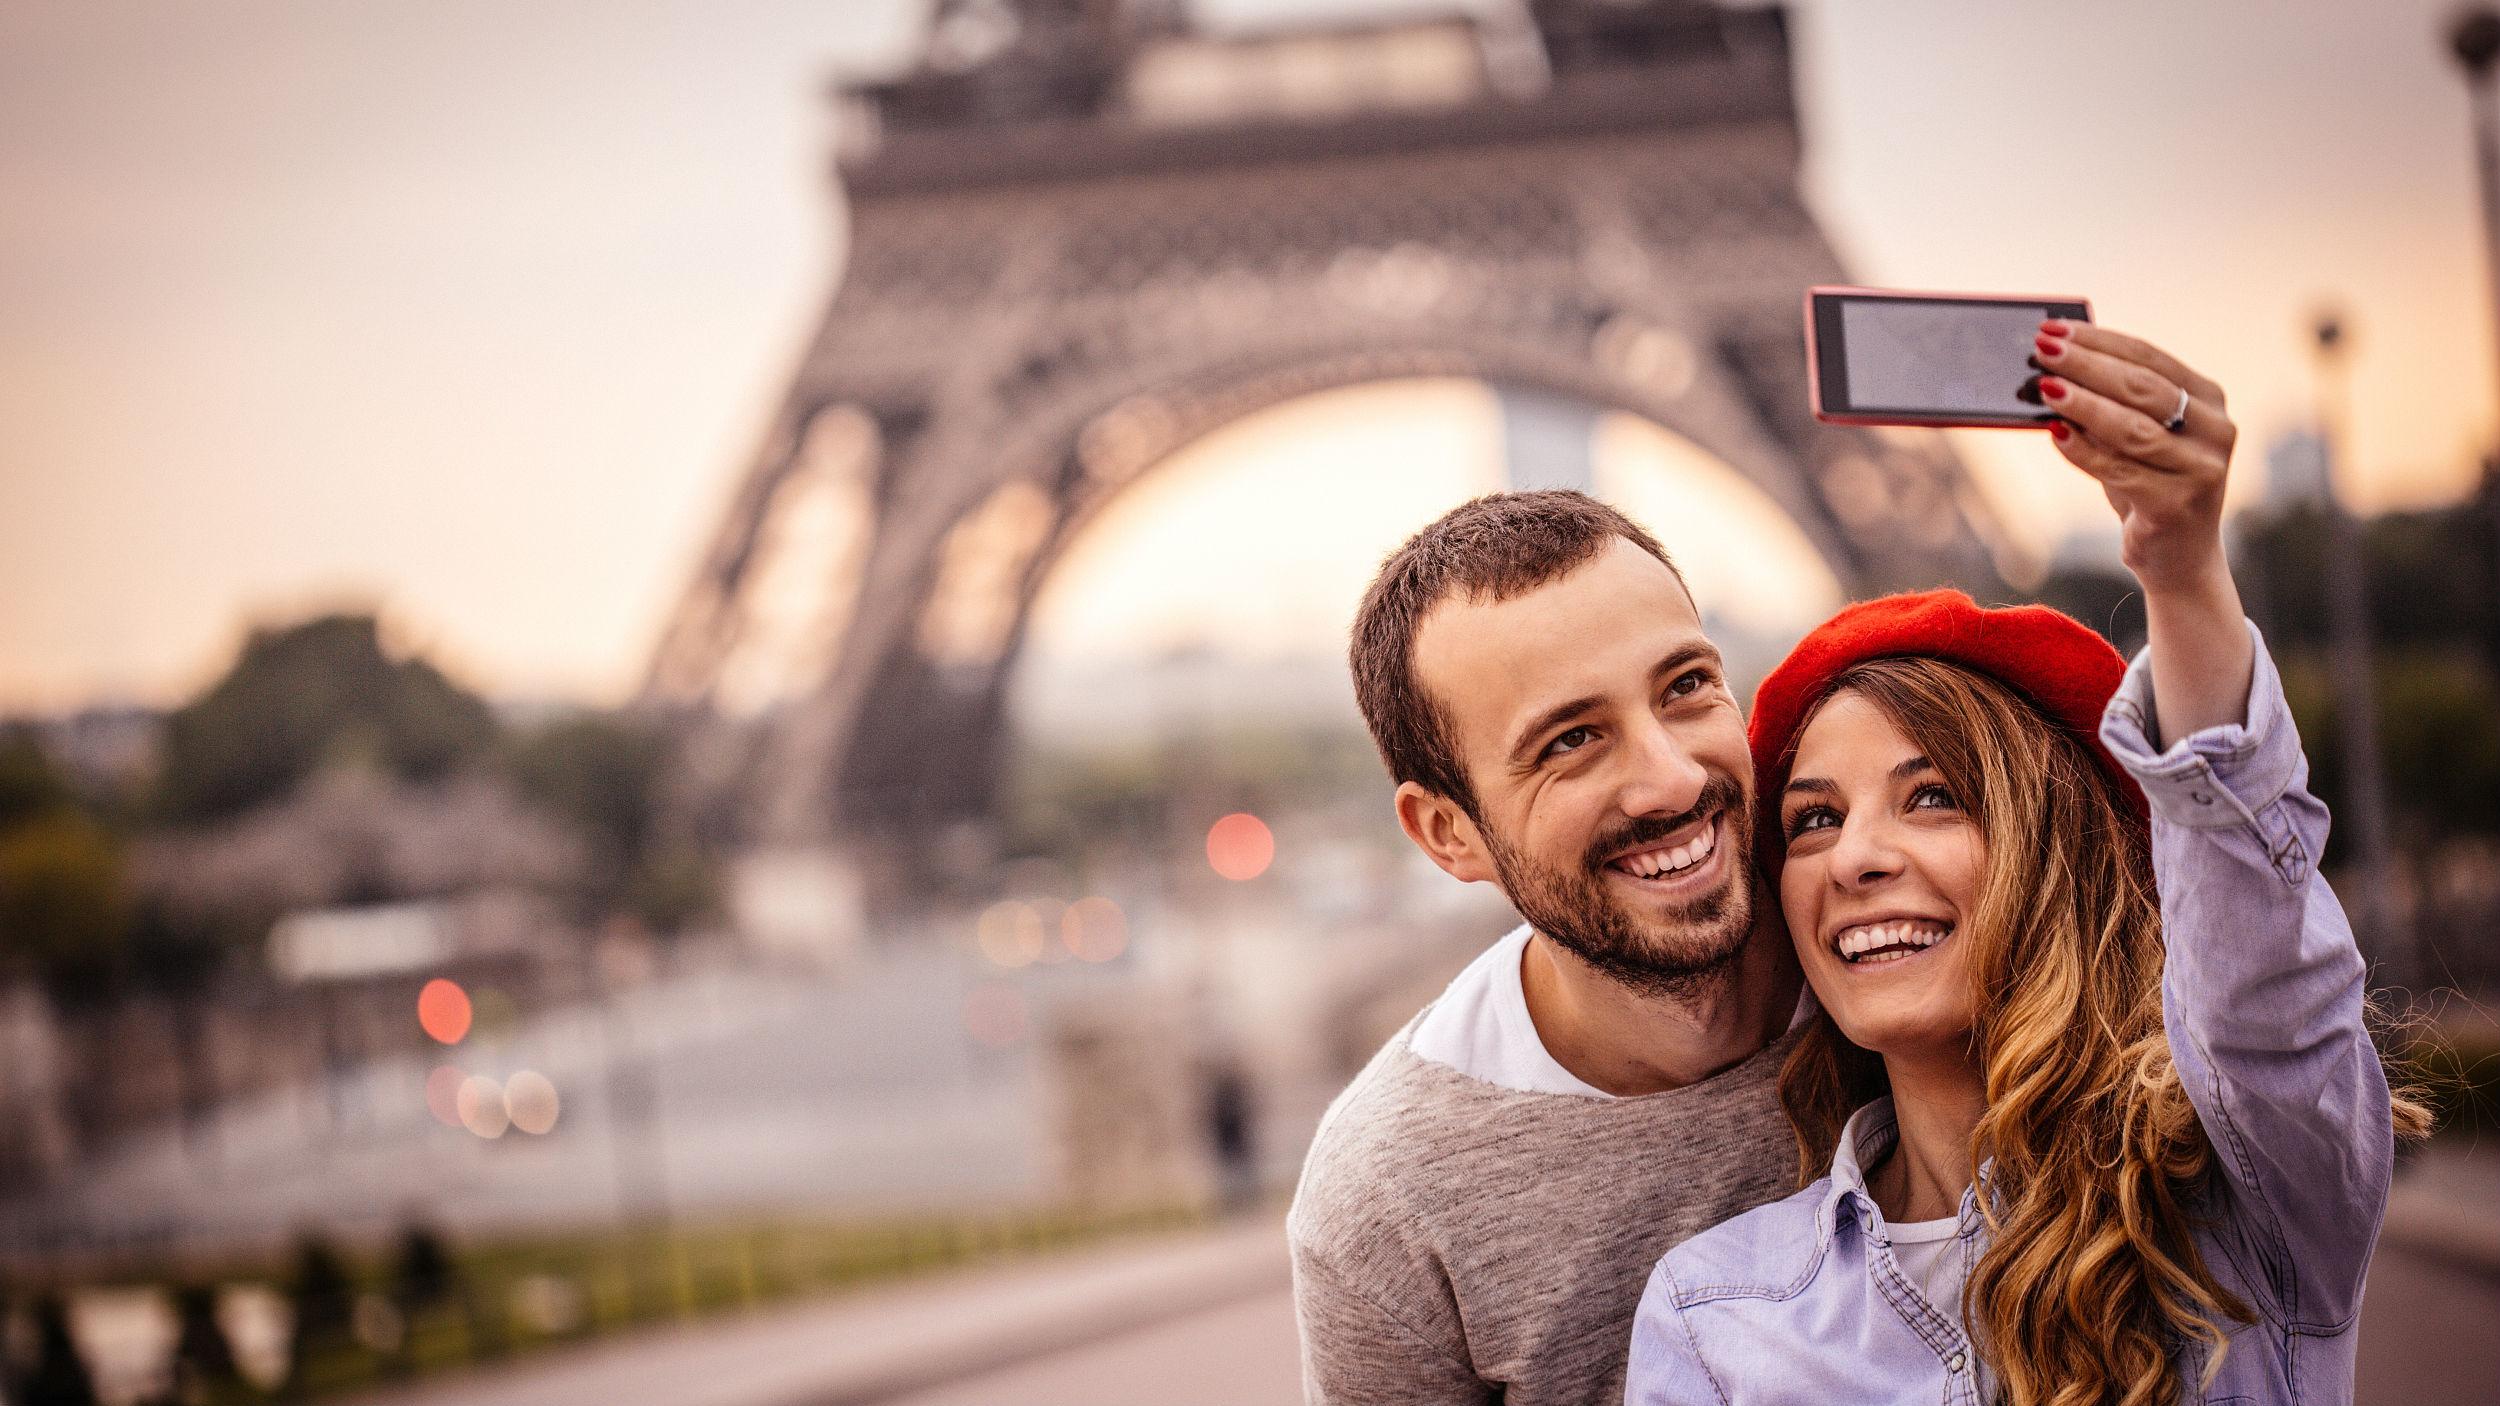 各地景点人满为患 英媒教你如何成为一个更好的游客